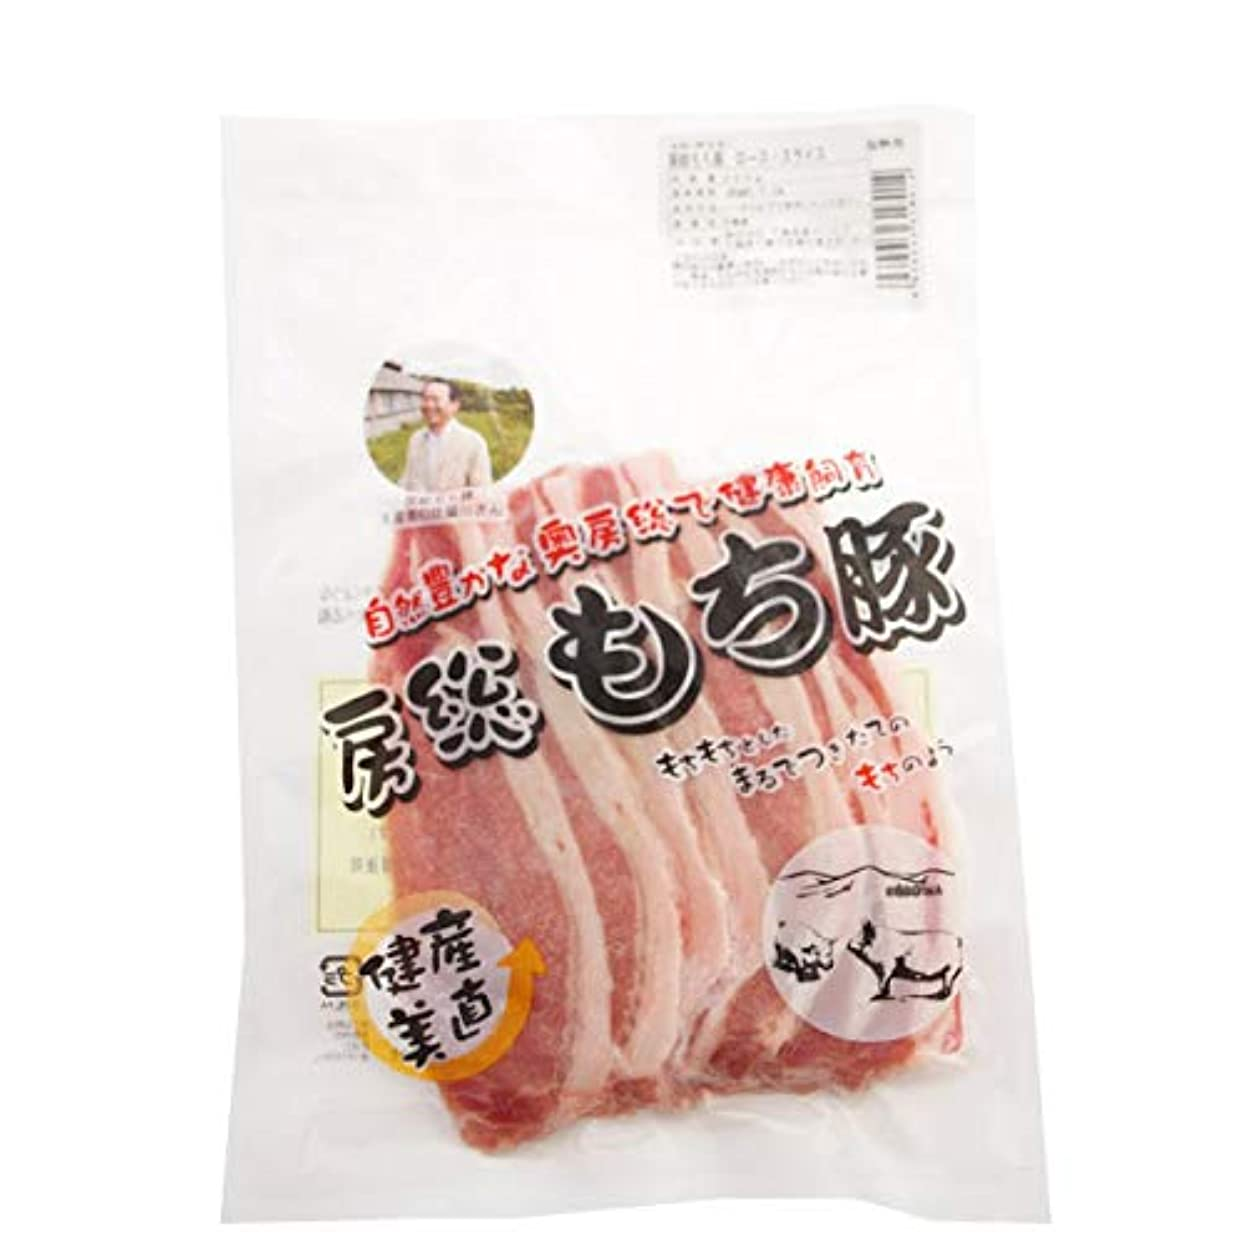 絶対の建設推測国産 豚肉 房総もち豚 豚ロース スライス 200g  3パック